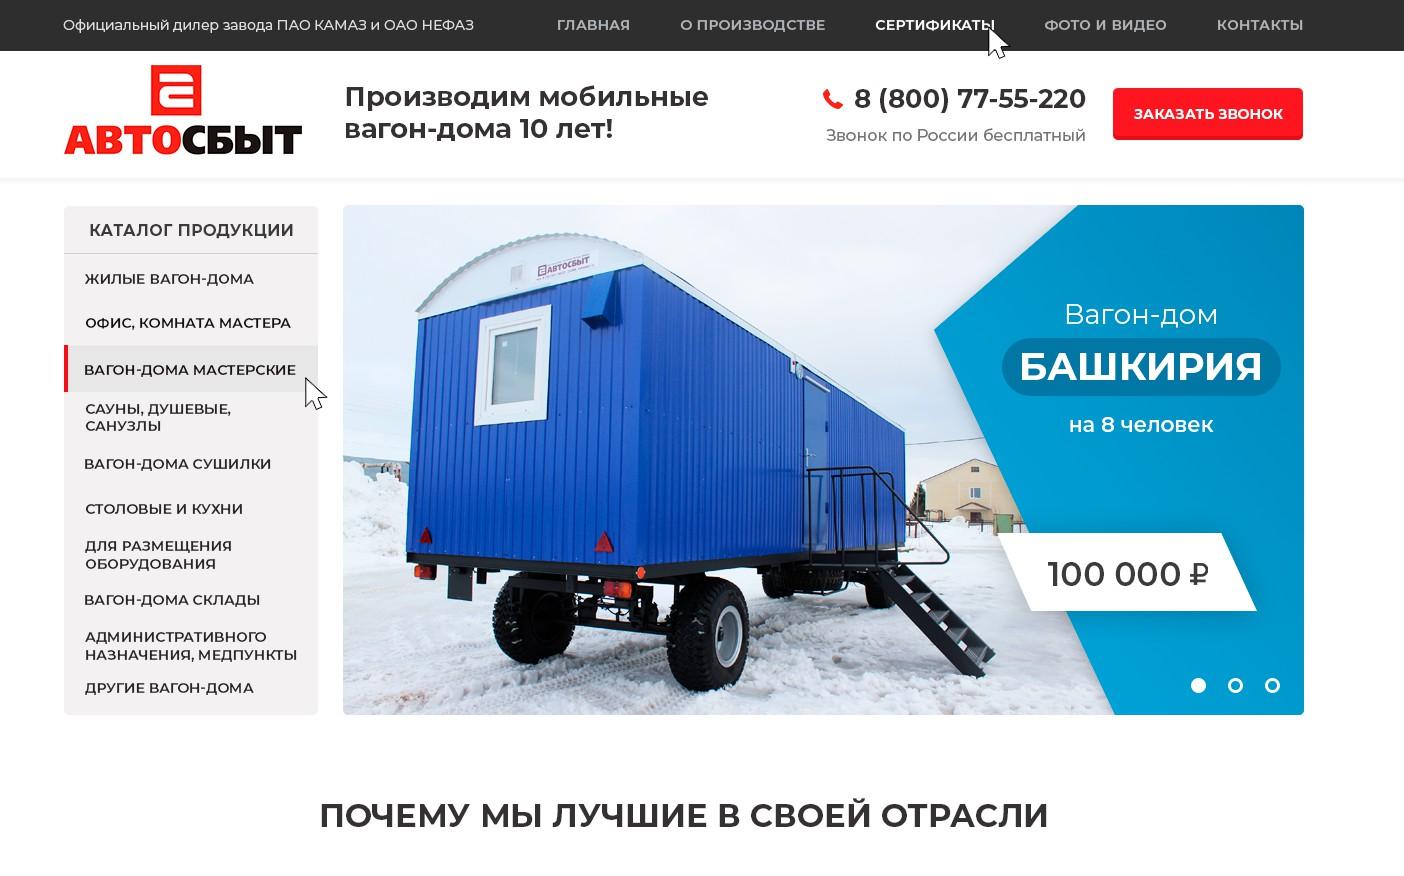 Мобильные вагон-дома